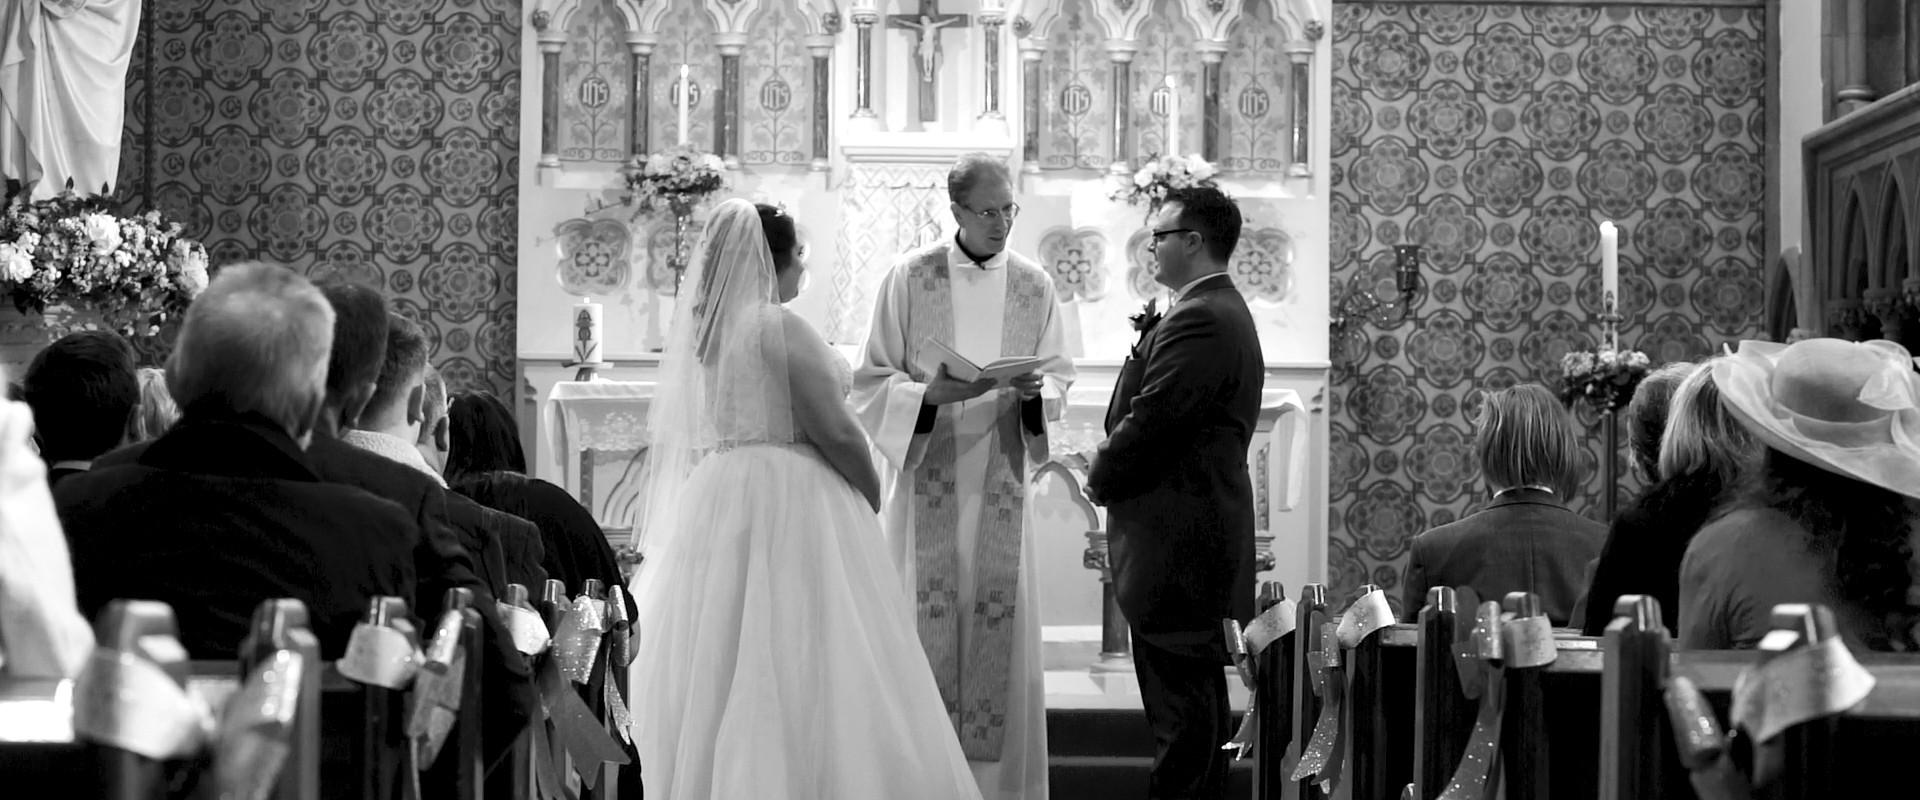 Wedding-ShortFilm-BW.00_03_25_09.Still02